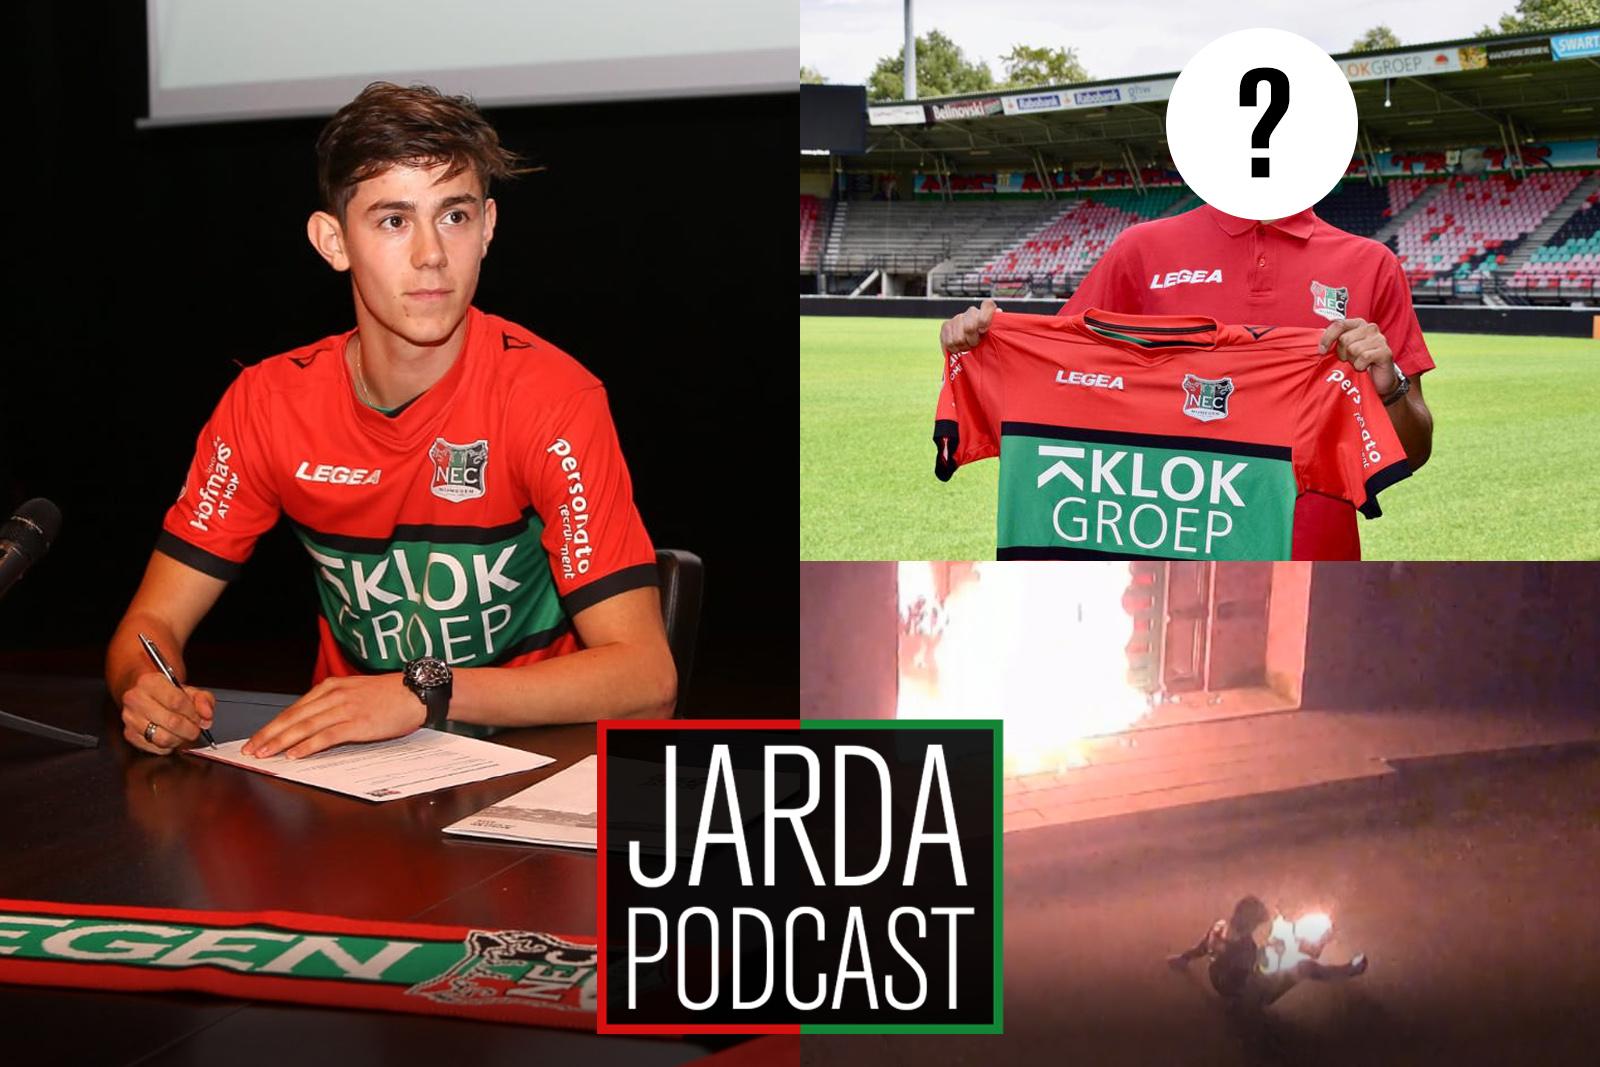 Jarda Podcast #45: Barreto in het vliegtuig en wie gaat scoren voor NEC?